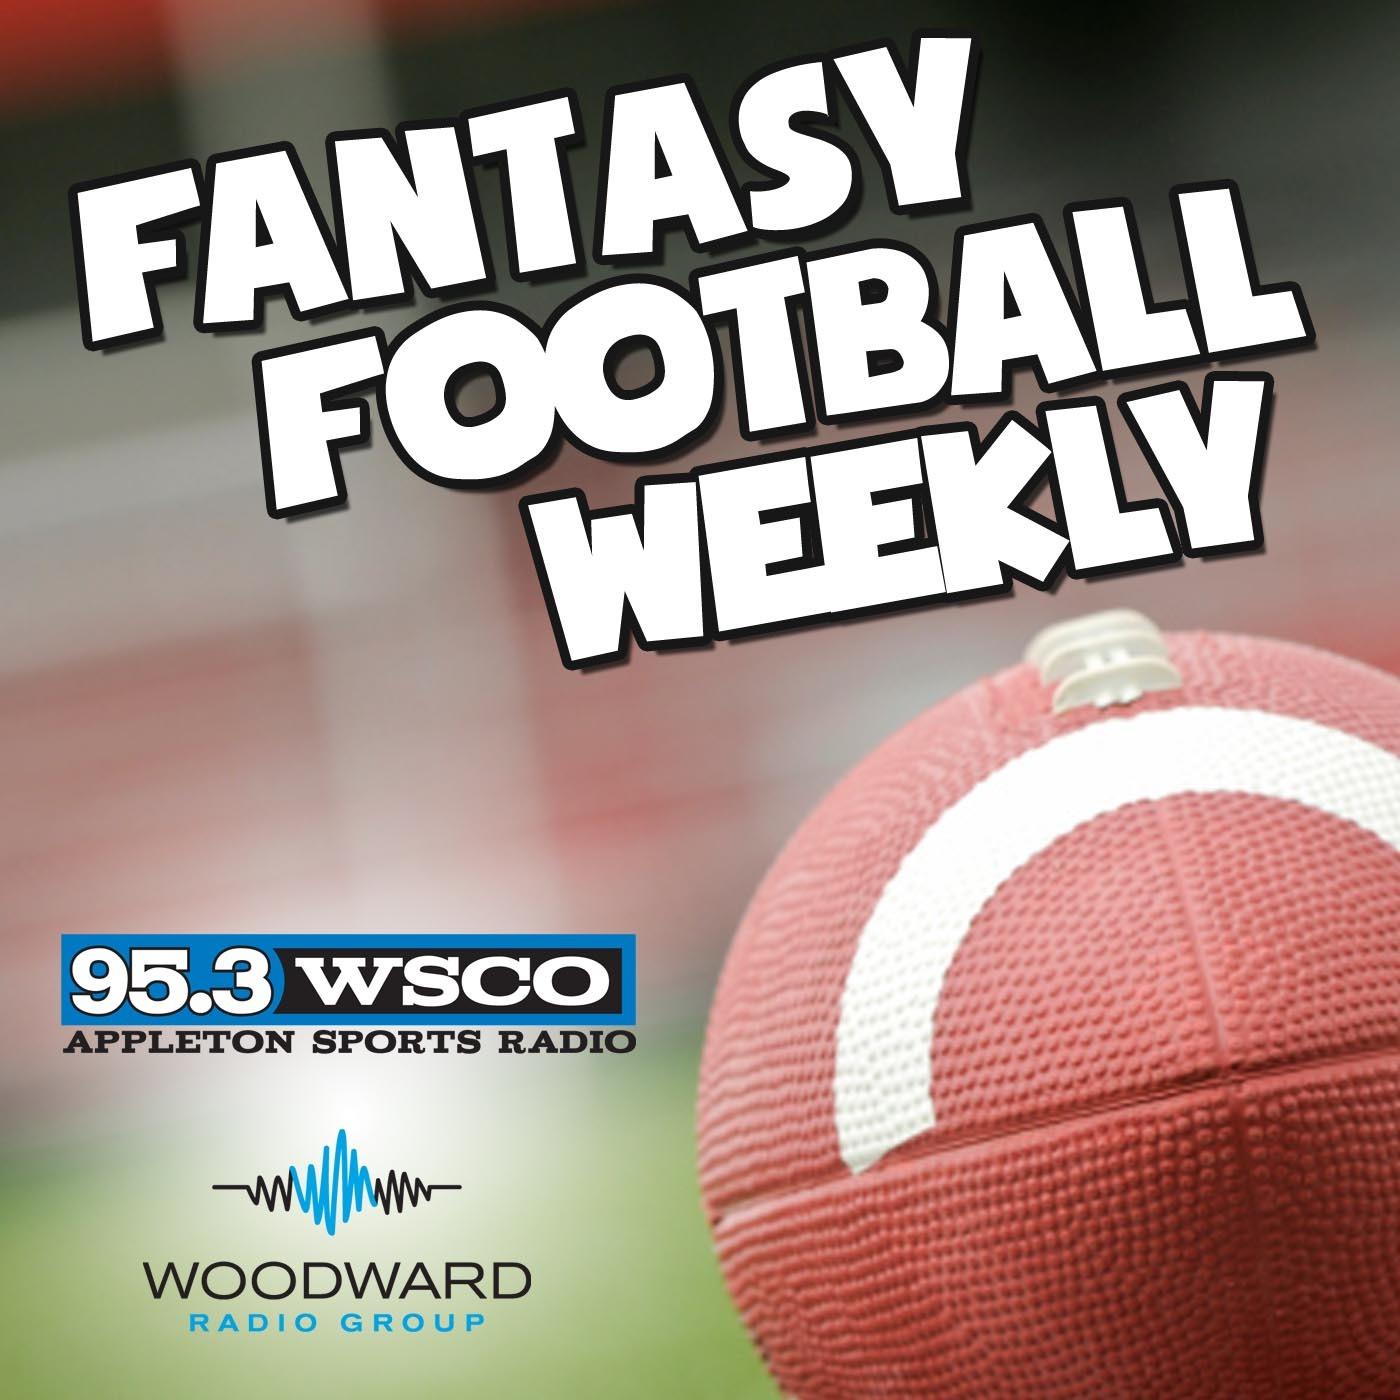 WSCO Fantasy Football Weekly